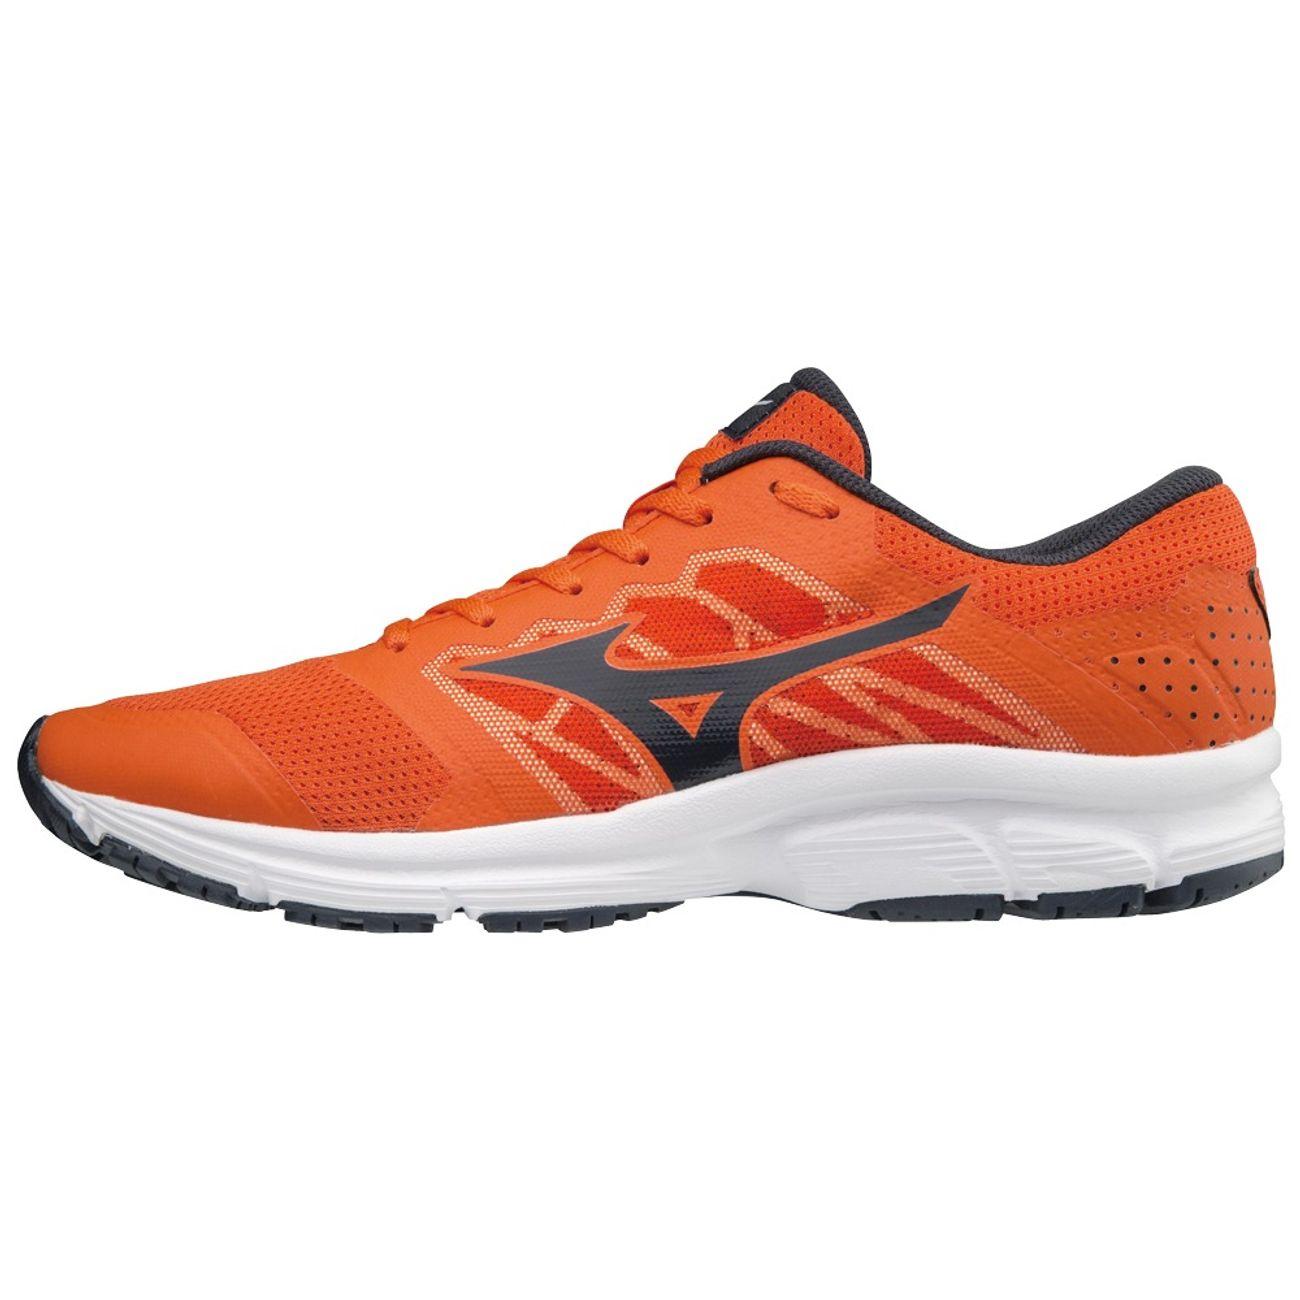 af63590d75 Chaussures Mizuno Ezrun LX – achat et prix pas cher - Go Sport